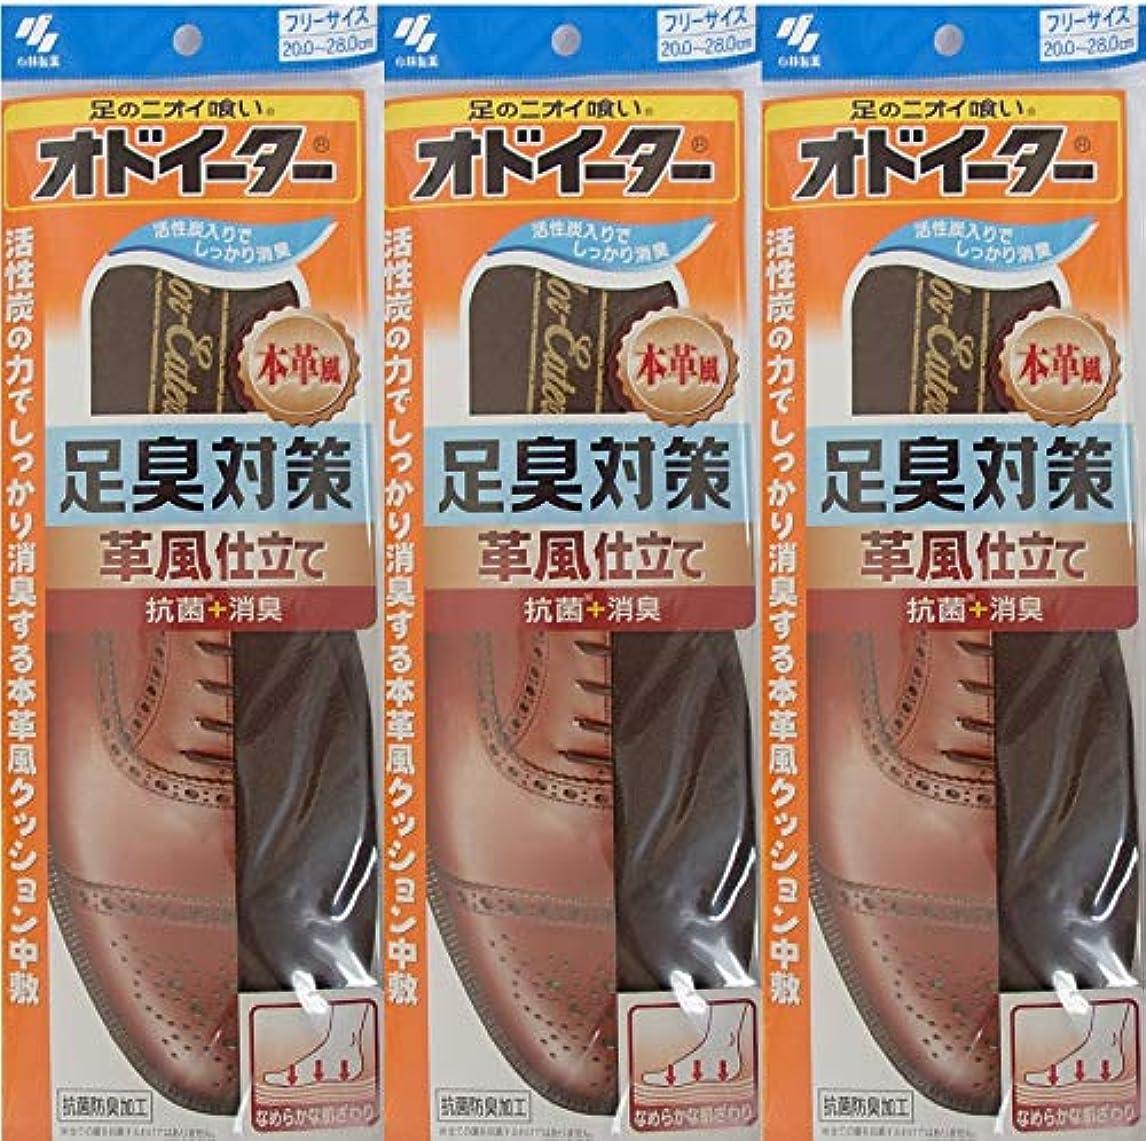 デジタルきしむ許さないオドイーター 足臭対策 革風仕立て インソール フリーサイズ20cm~28cm 3足セット